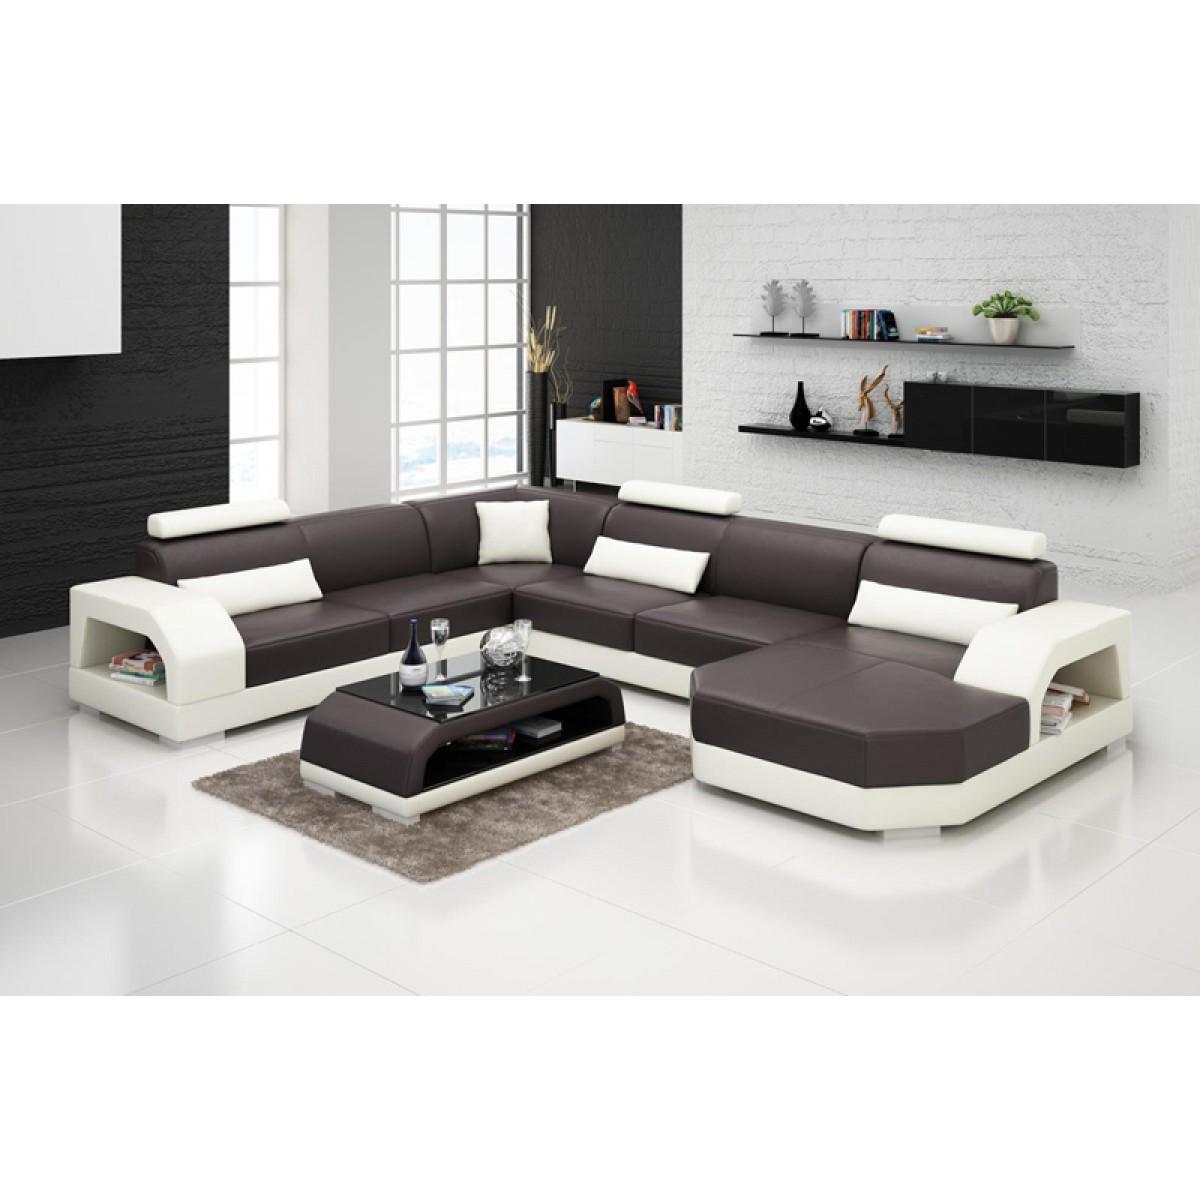 canap d 39 angle panoramique en cuir pleine fleur paris pop. Black Bedroom Furniture Sets. Home Design Ideas